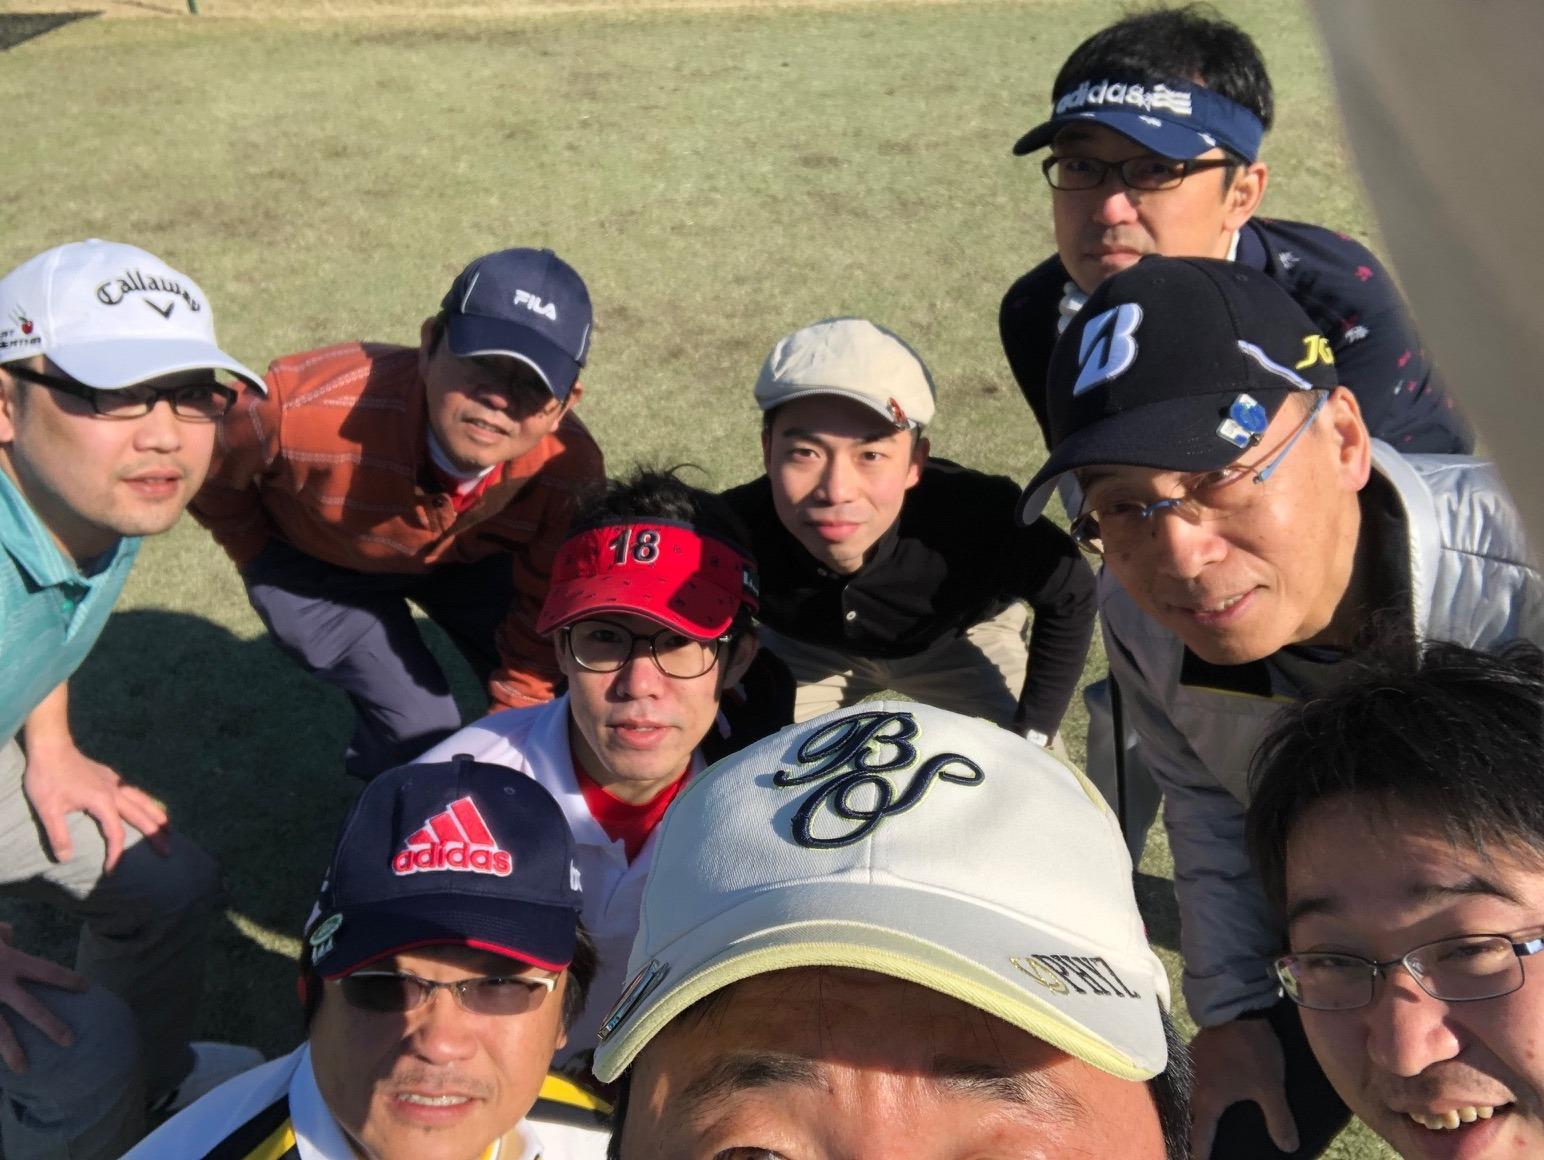 始球式は田杭さん。日頃の練習の成果発揮?きれいなフォームでいよいよスタートです。。